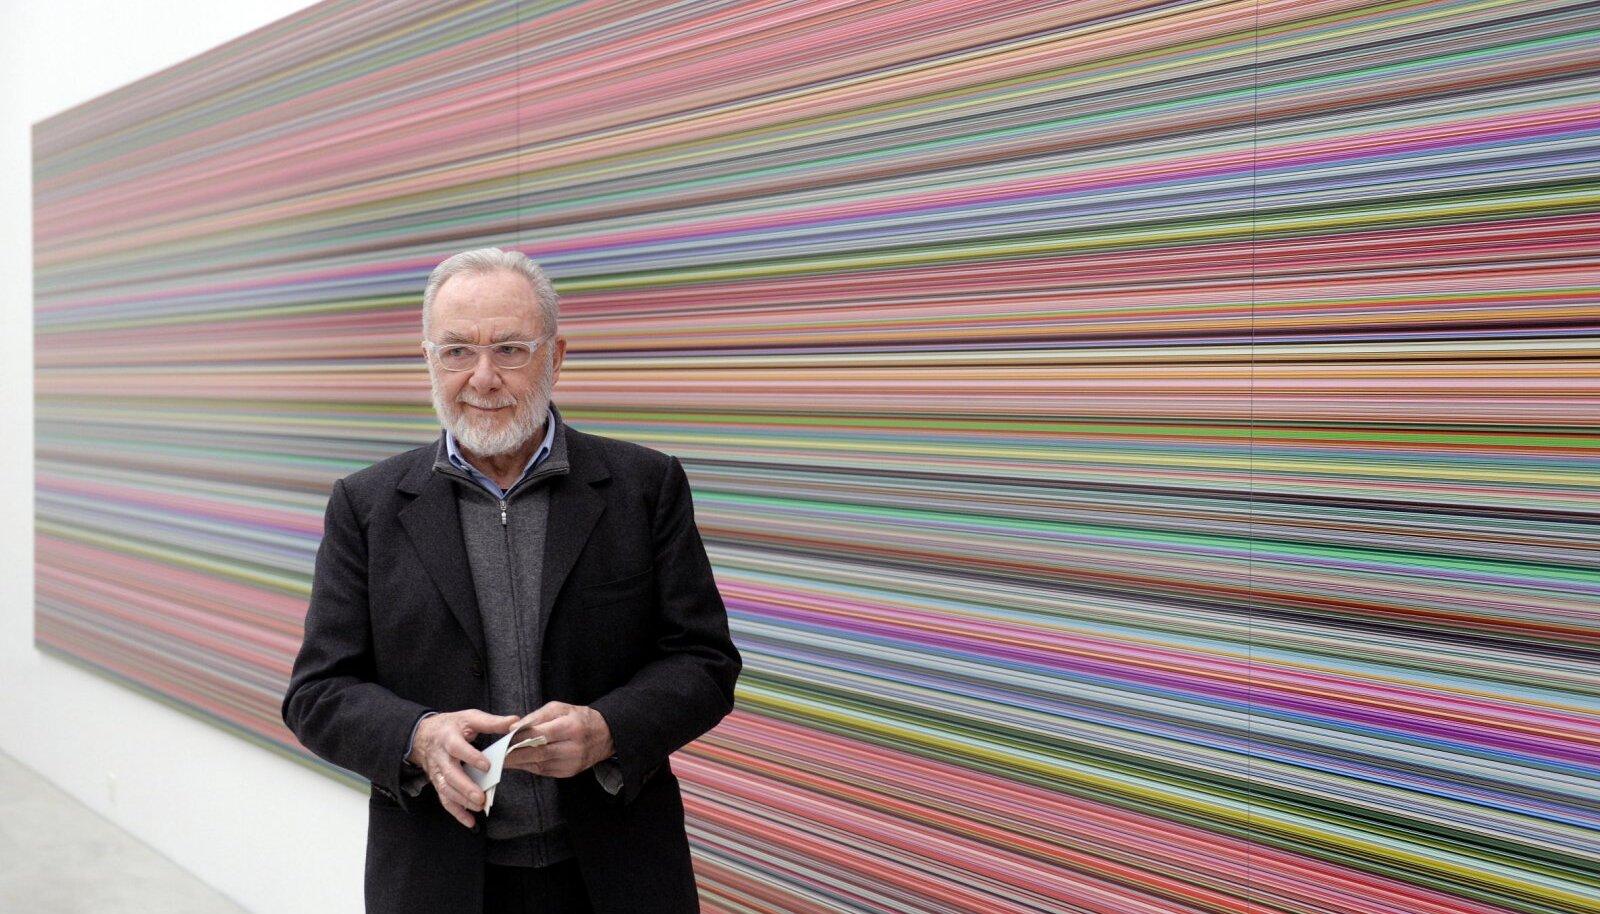 """Puhtalt illustreerival eesmärgil: kunstnik Gerhard Richter oma töö """"Streifen und Glas"""" ees. (Foto: AP)"""